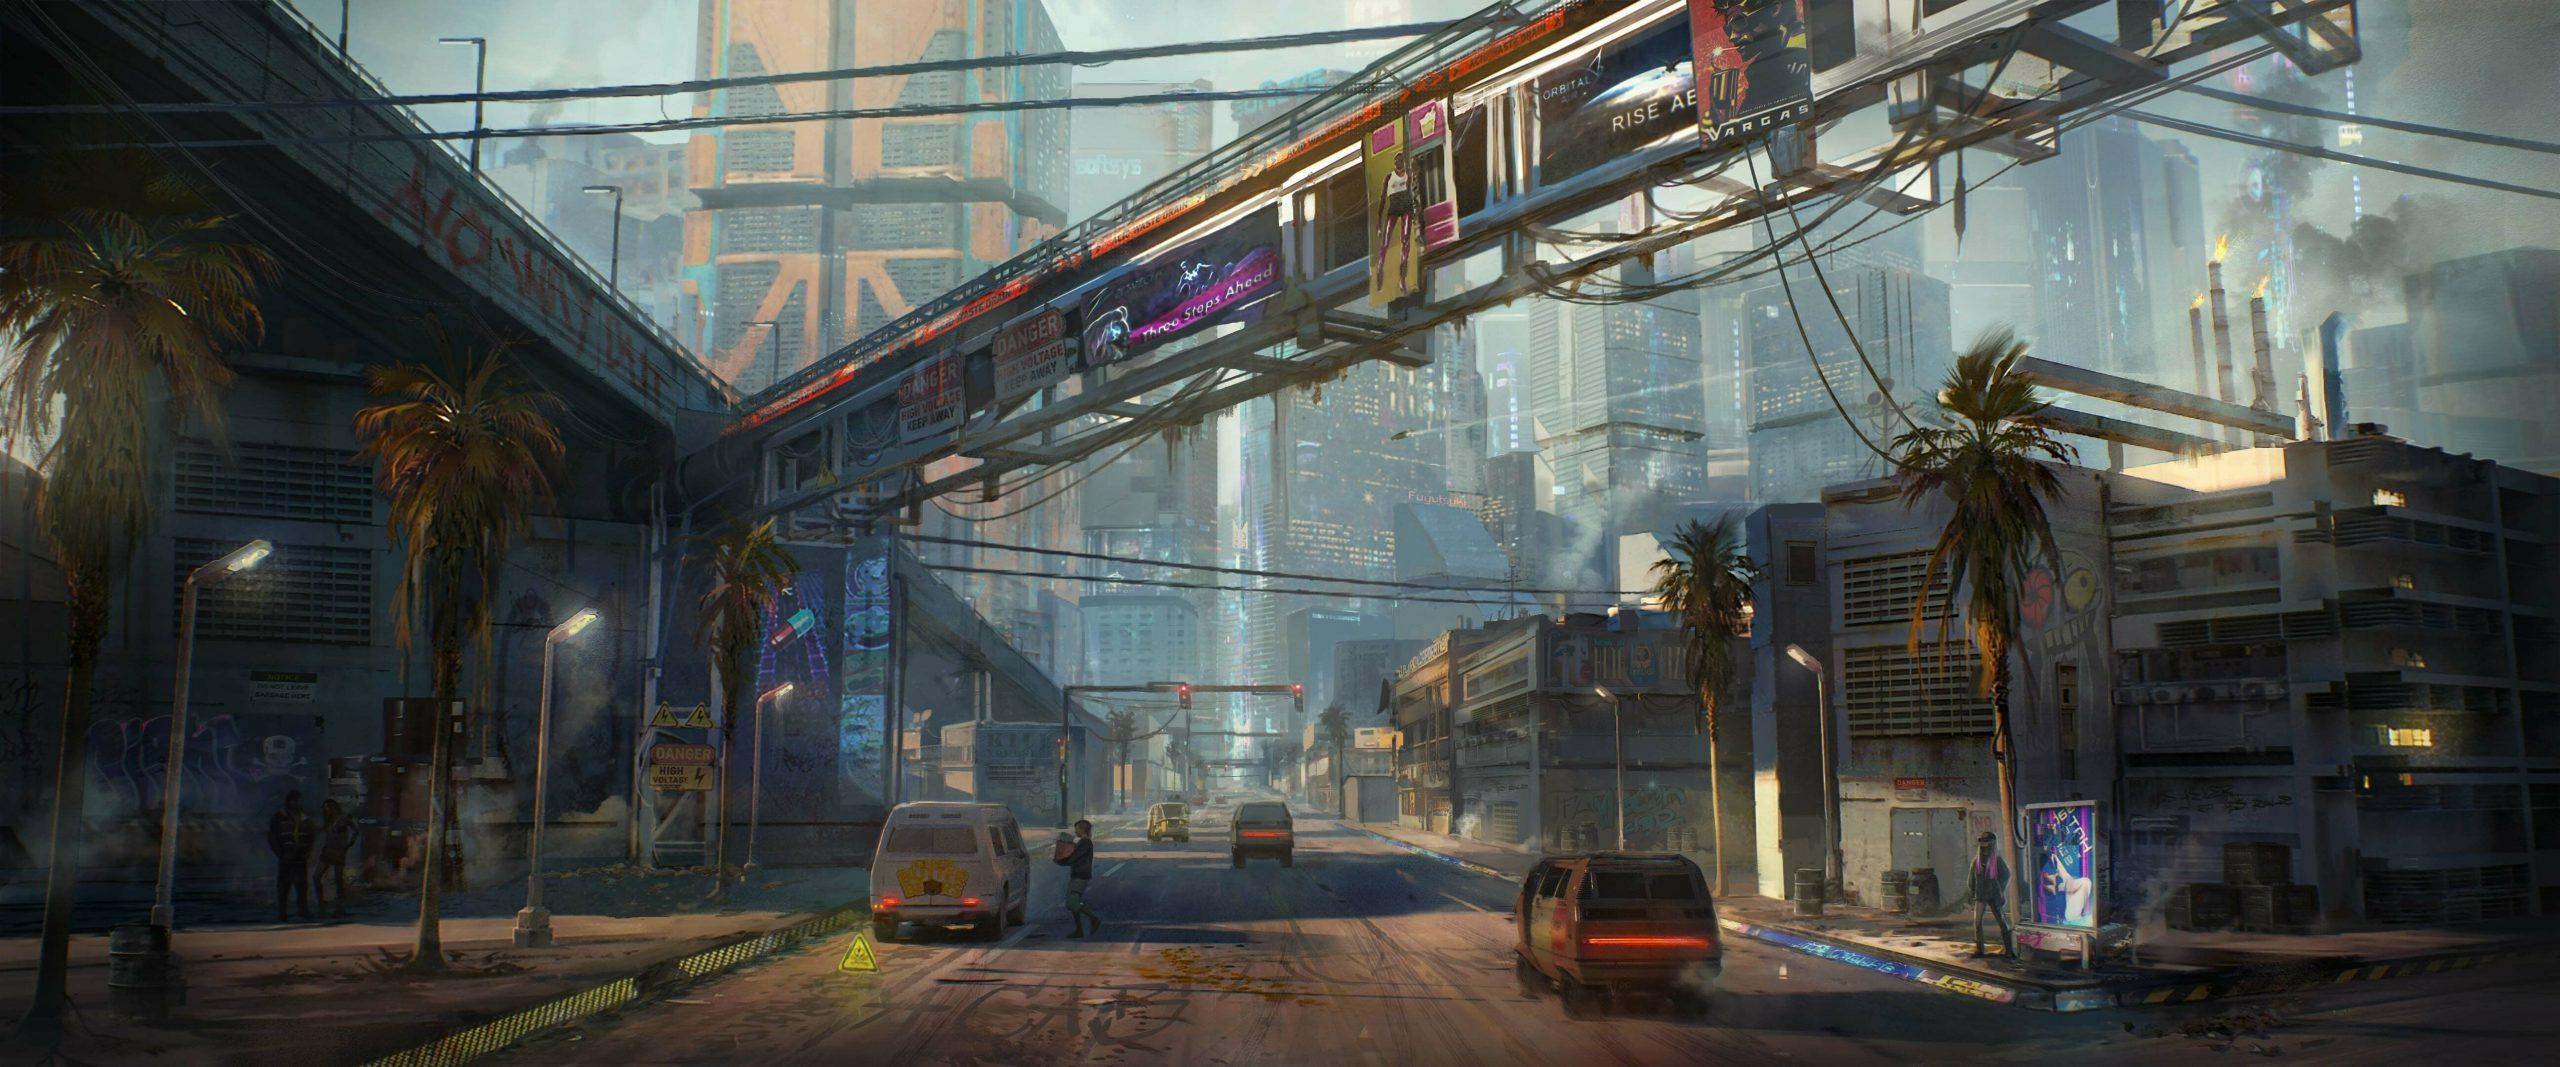 Трейлер, геймплей ианиме отTrigger — что показали напрезентации Cyberpunk 2077? 17